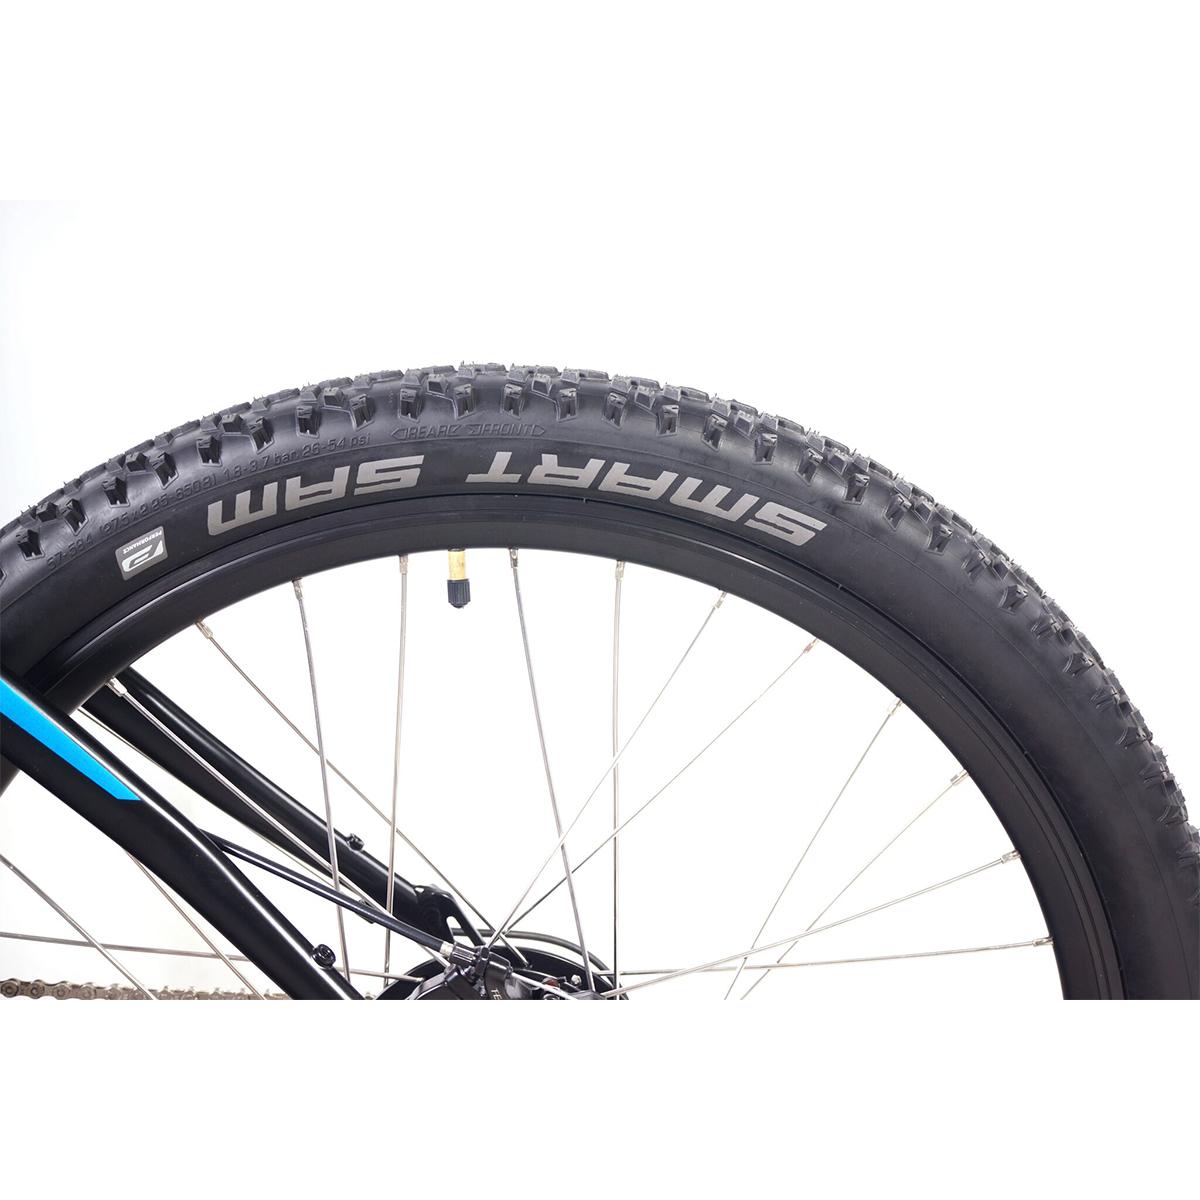 MI5 tire